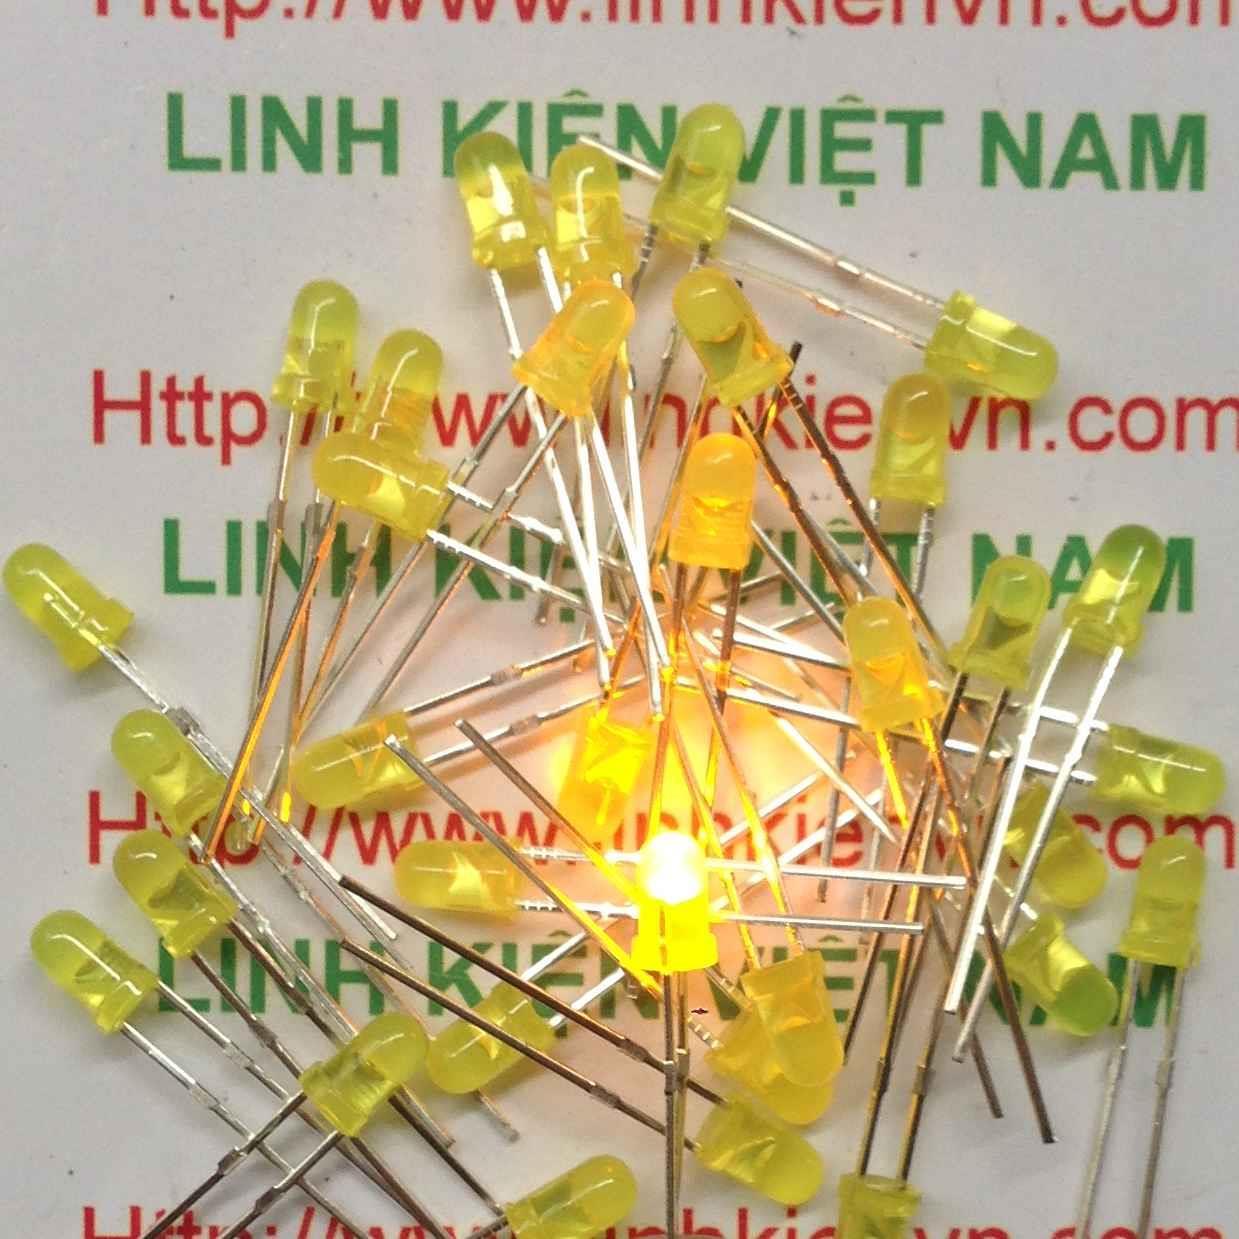 Led đơn 3mm Vàng - A4H17 (KA2H1)